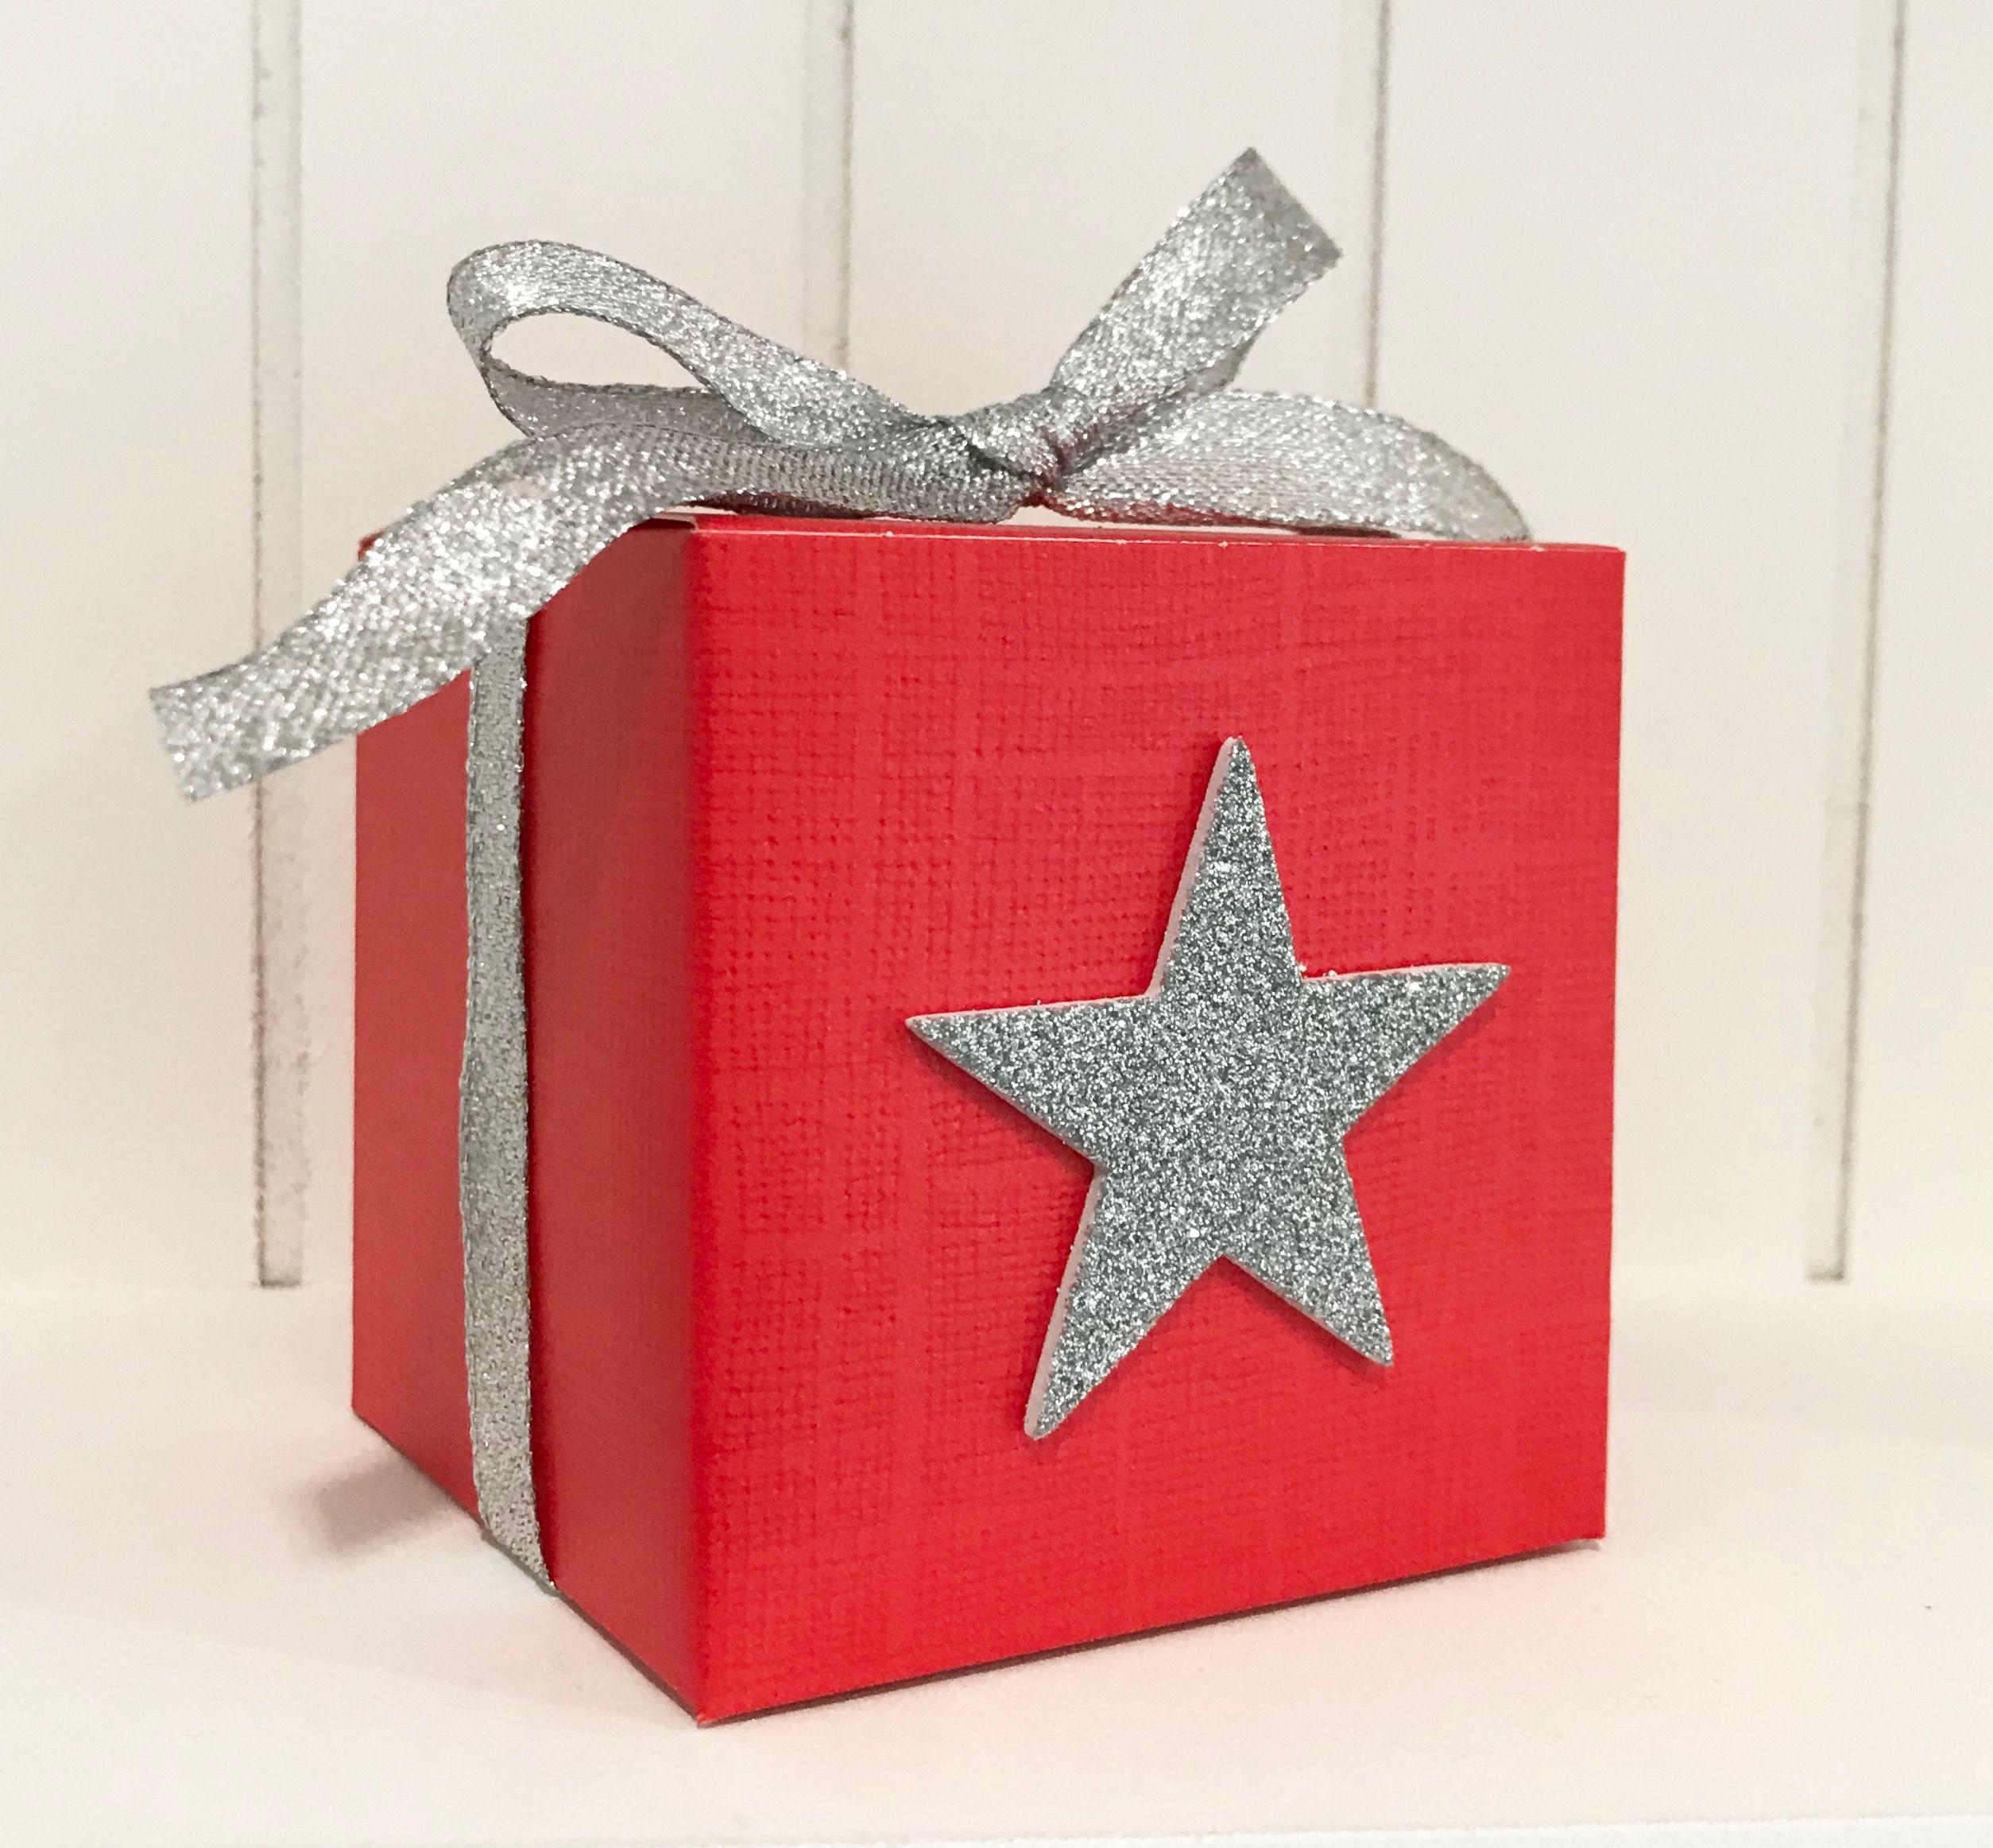 Wrapping Gifts Geschenkschachtel fr Weihnachten in